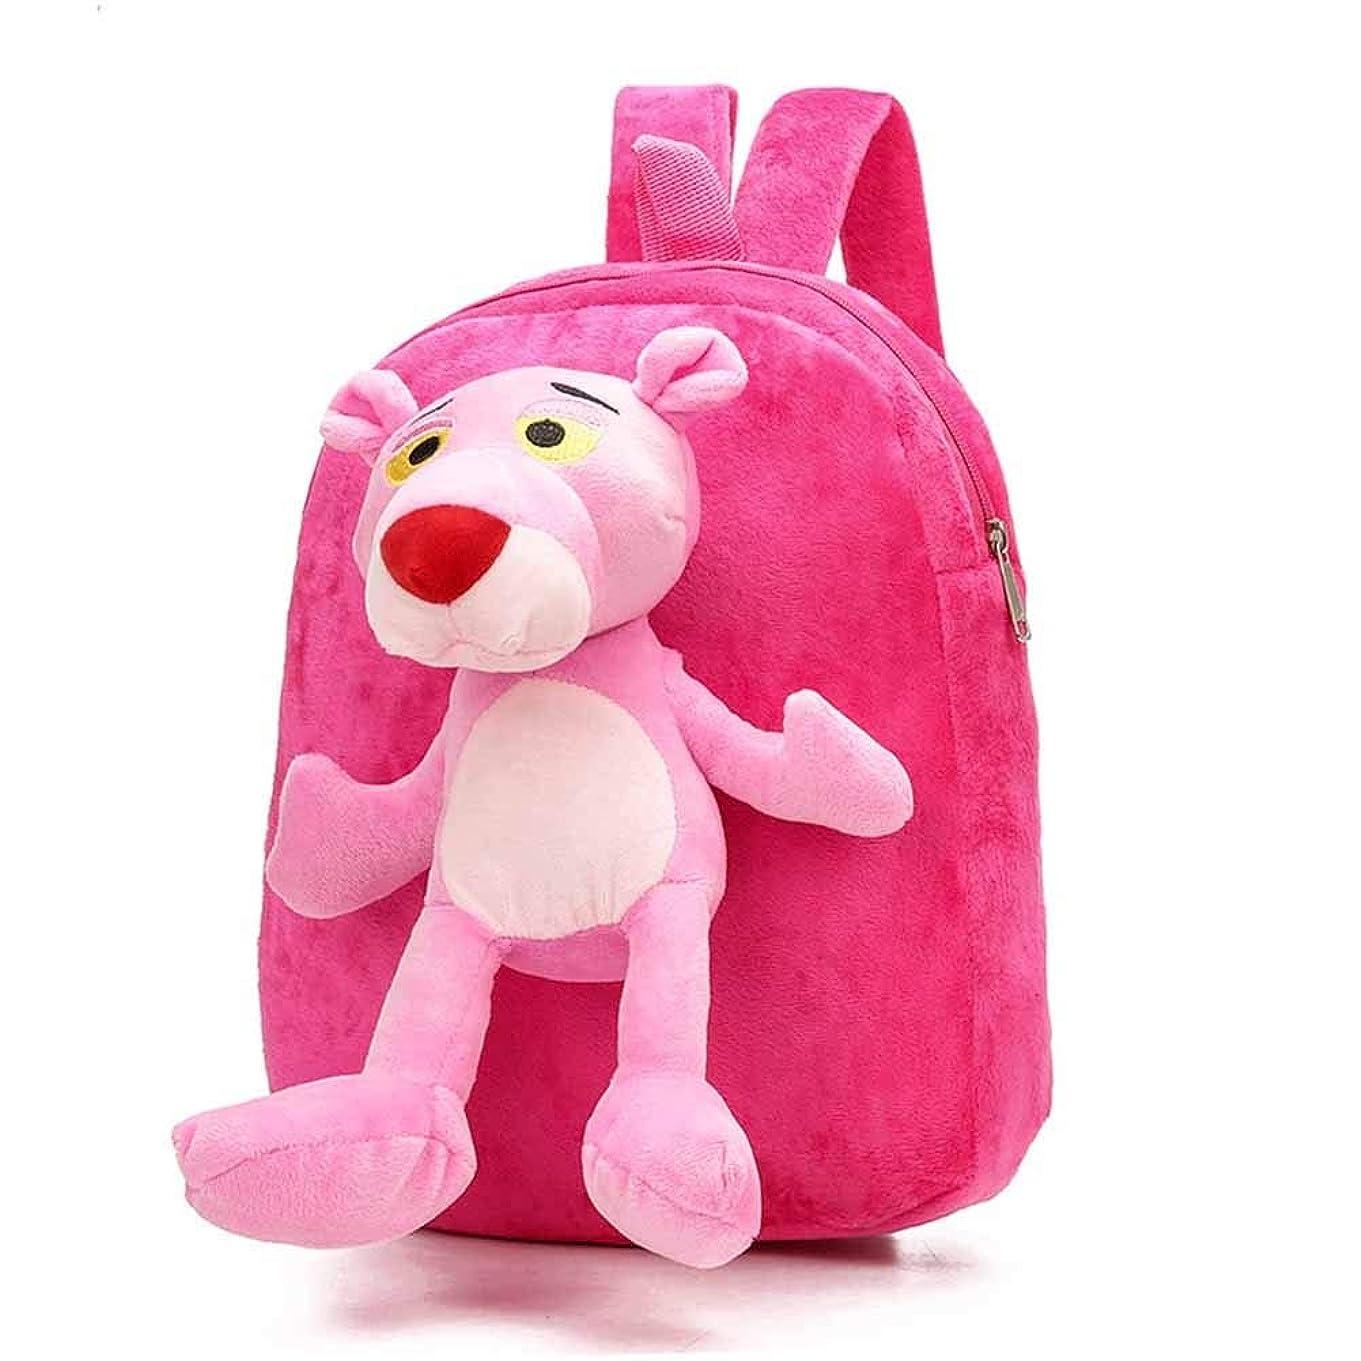 対象抜け目のない弾薬幼稚園のかわいい子供のスクールバッグ2-5歳の男の子と女の子の漫画ぬいぐるみバッグ (Color : Pink)